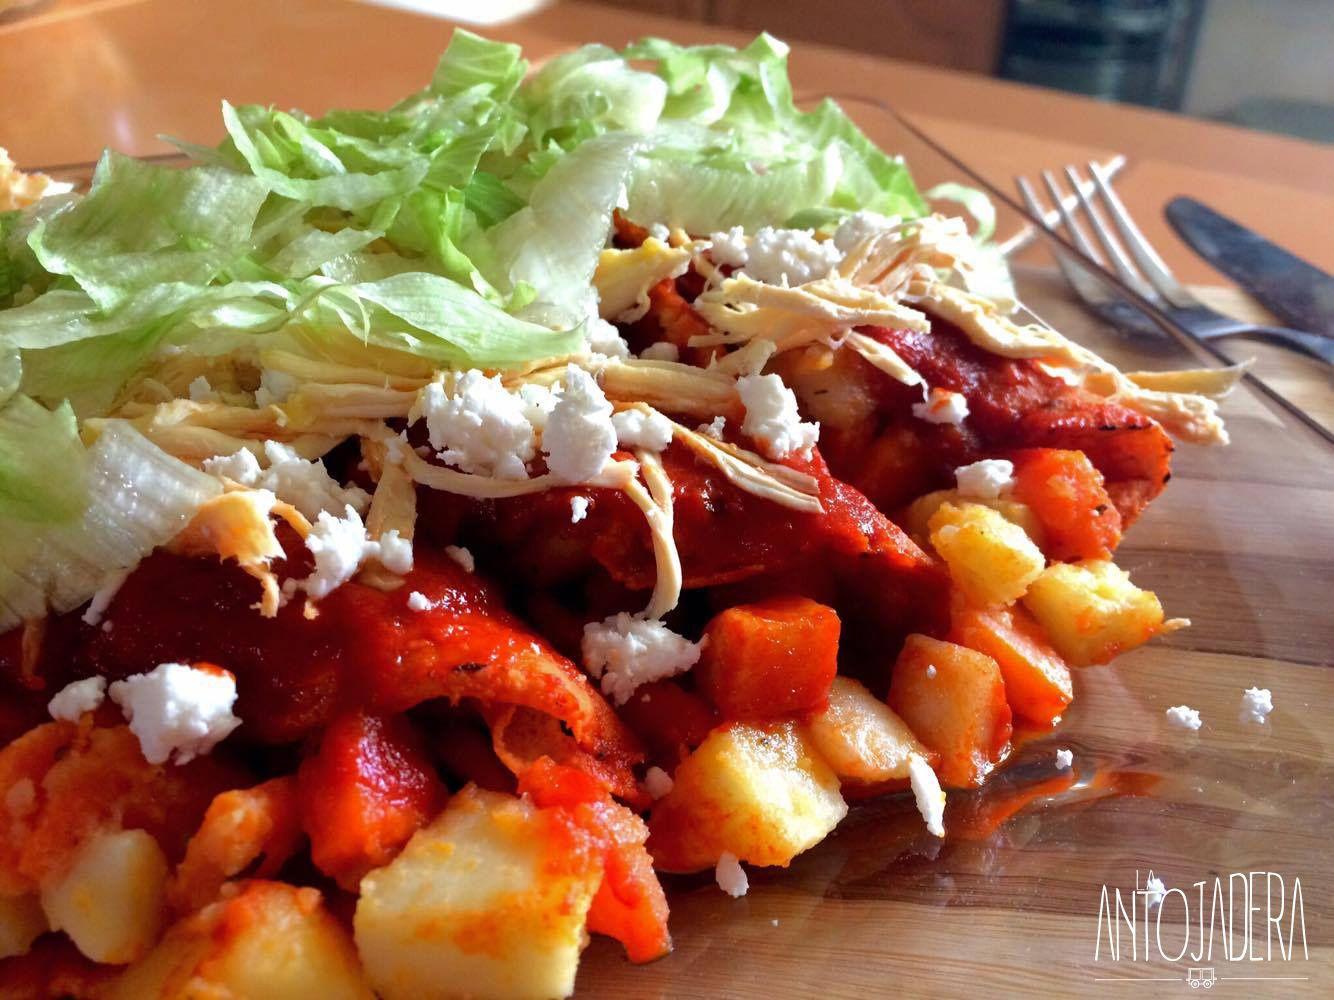 Enchiladas Mineras de Guanajuato  Receta en 2019  Plato Fuerte  Food Enchiladas y Chicken Recipes